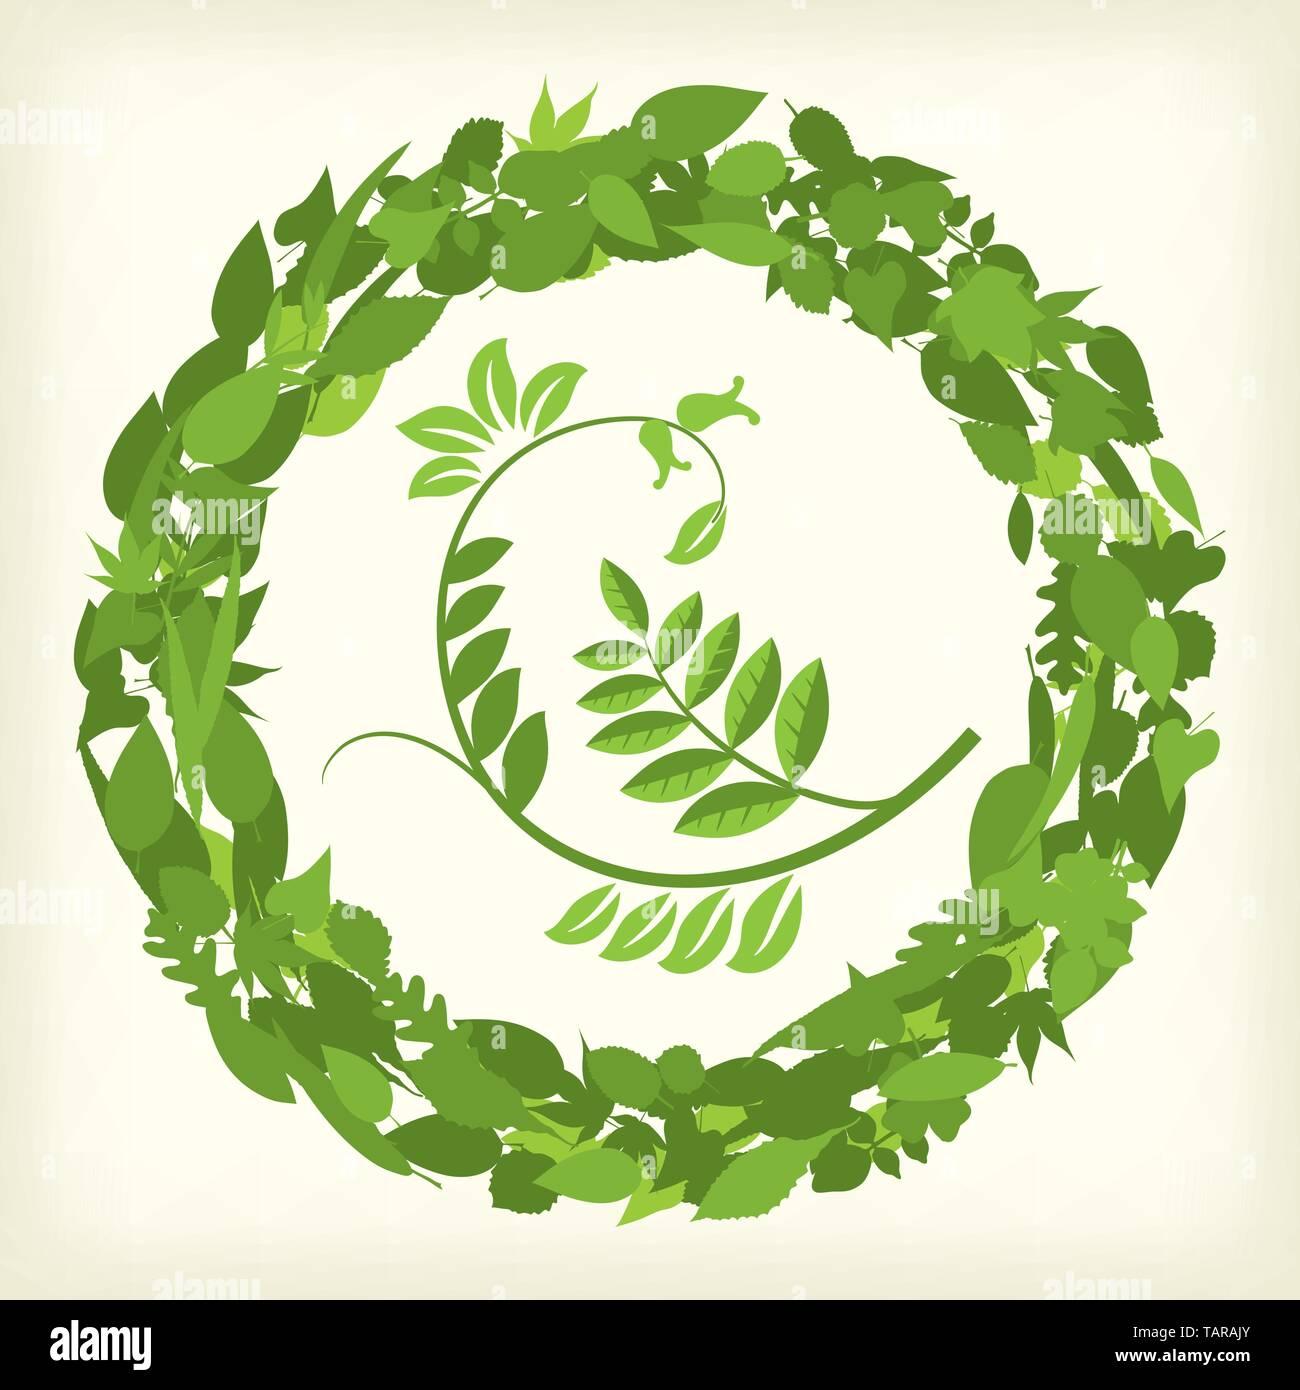 Banner circolare di rami e foglie. Illustrazione Vettoriale eps.10. Immagini Stock